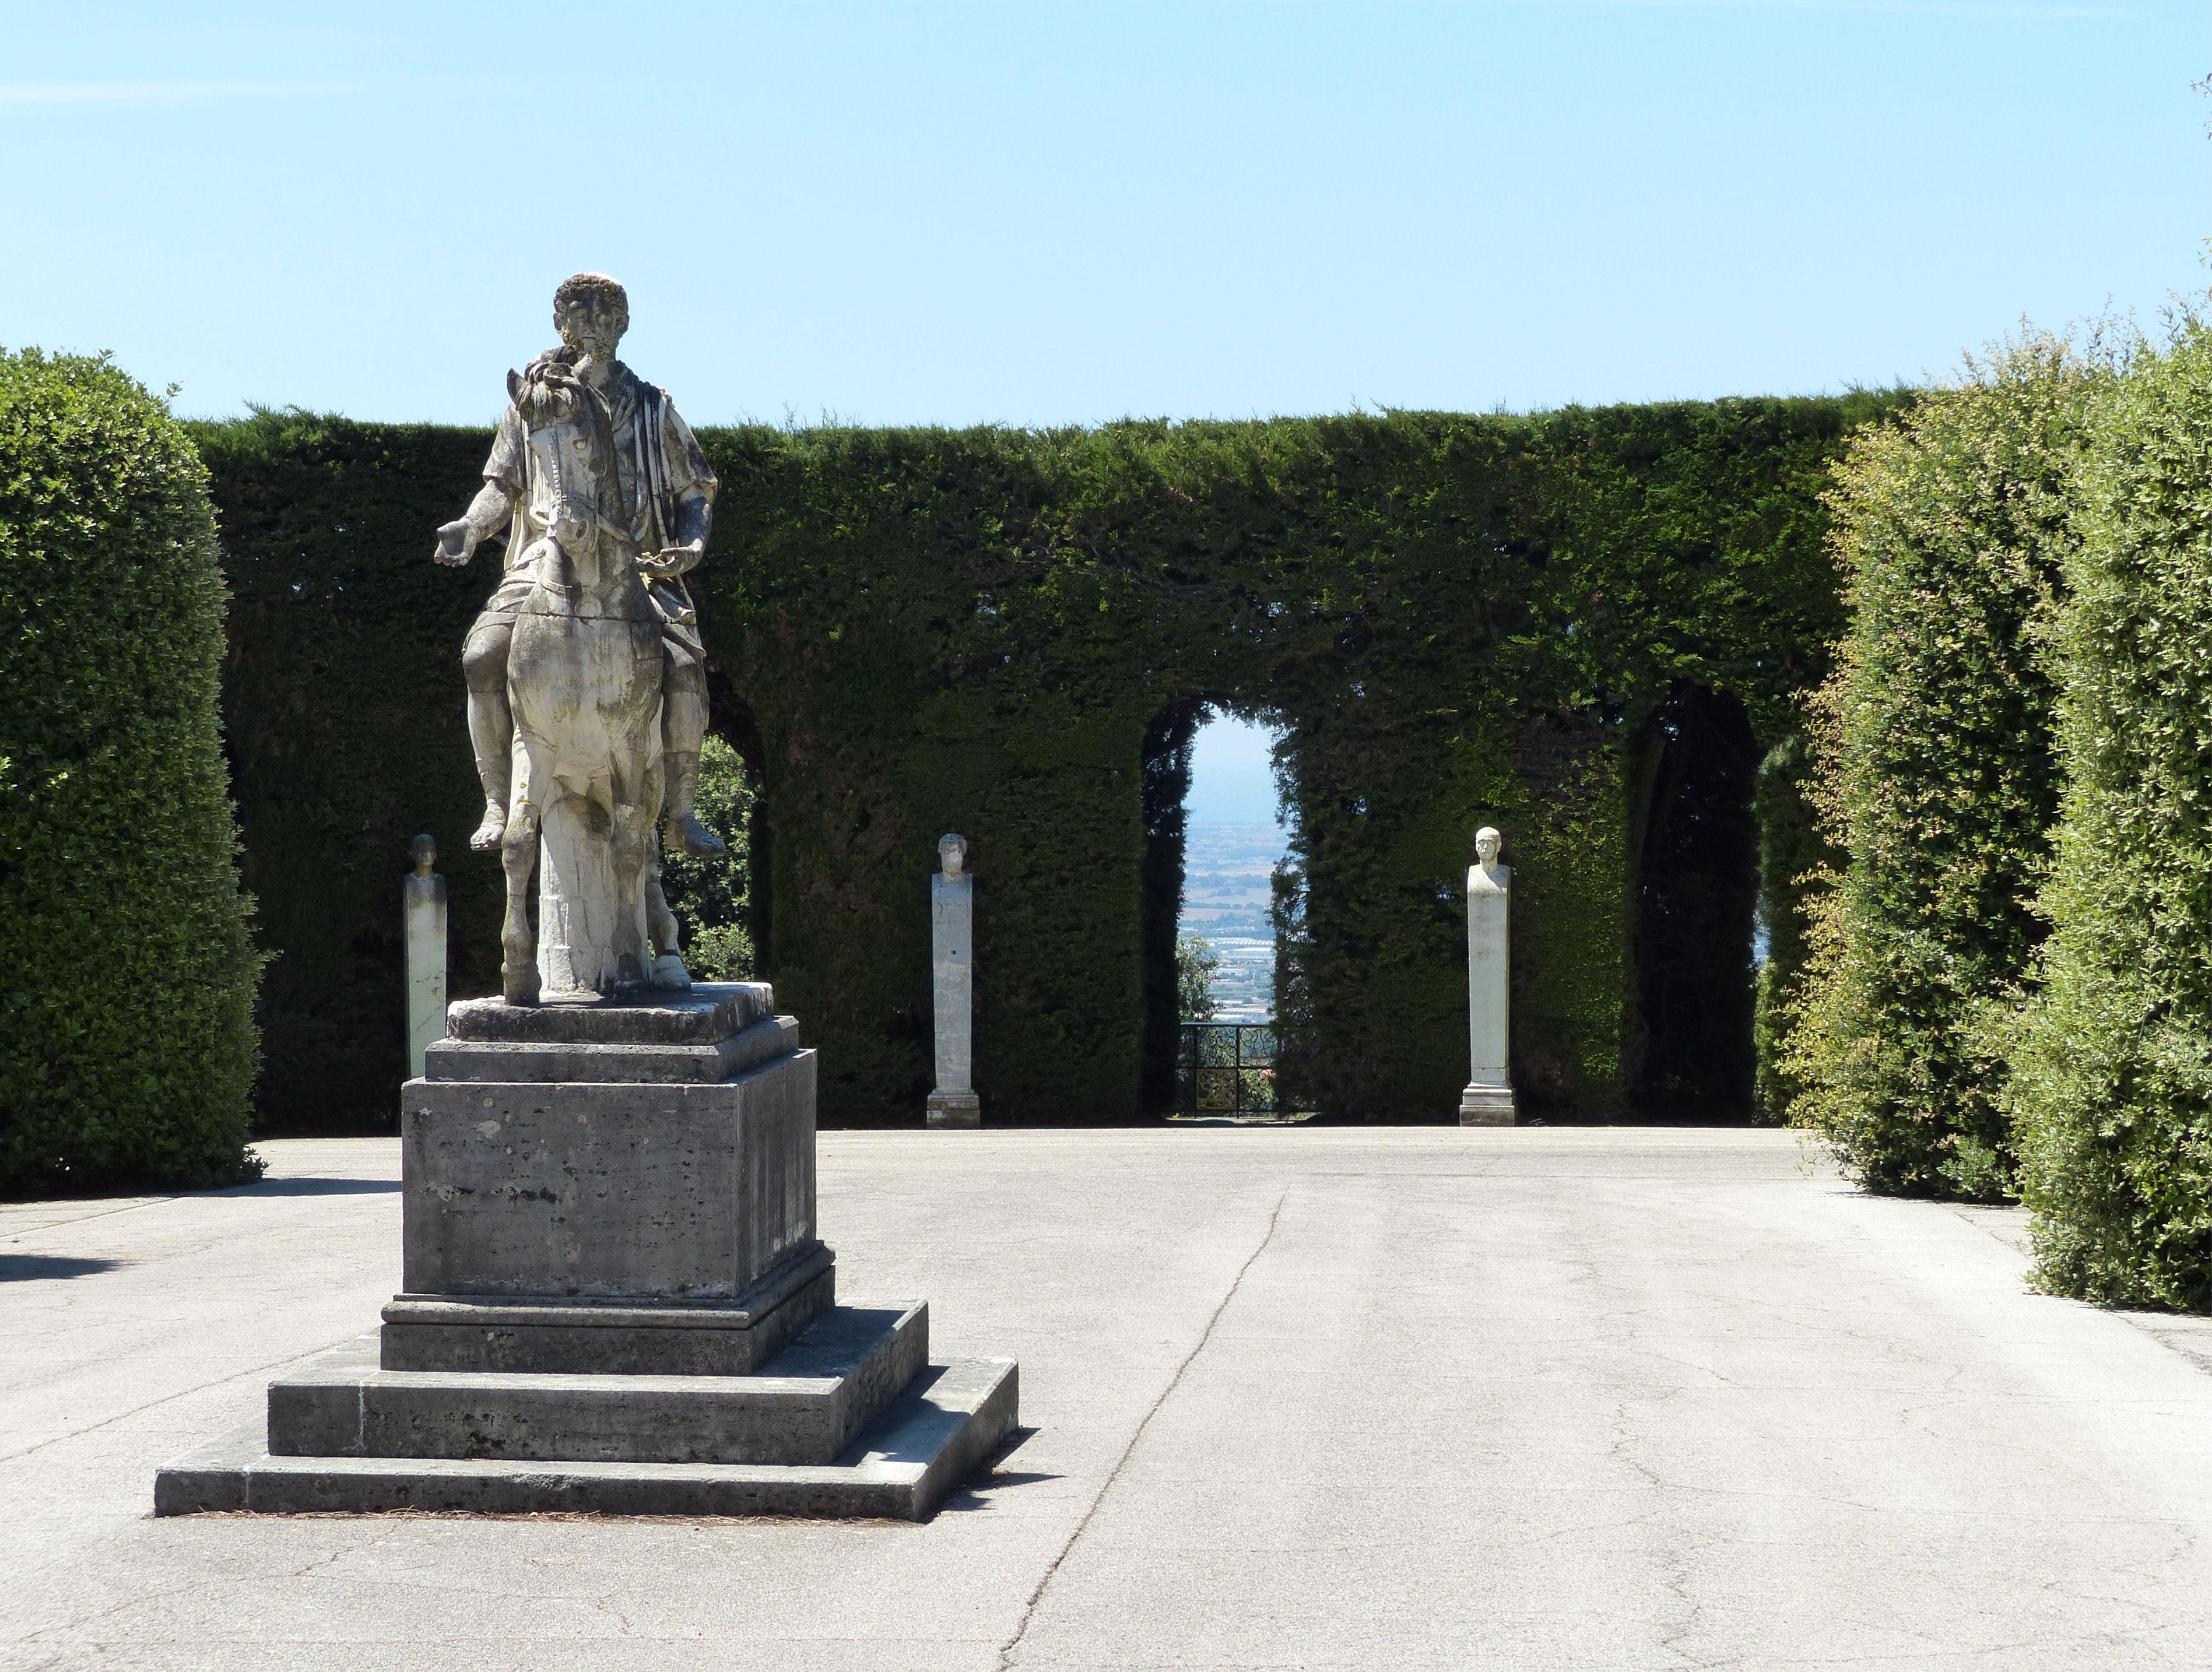 © Dipartimento di Scienze della Vita, Università di Trieste<br>by Andrea Moro<br>Ville Pontificie di Castel Gandolfo, Giardini di Villa Barberini, 27/06/2015<br>Distributed under CC-BY-SA 4.0 license.